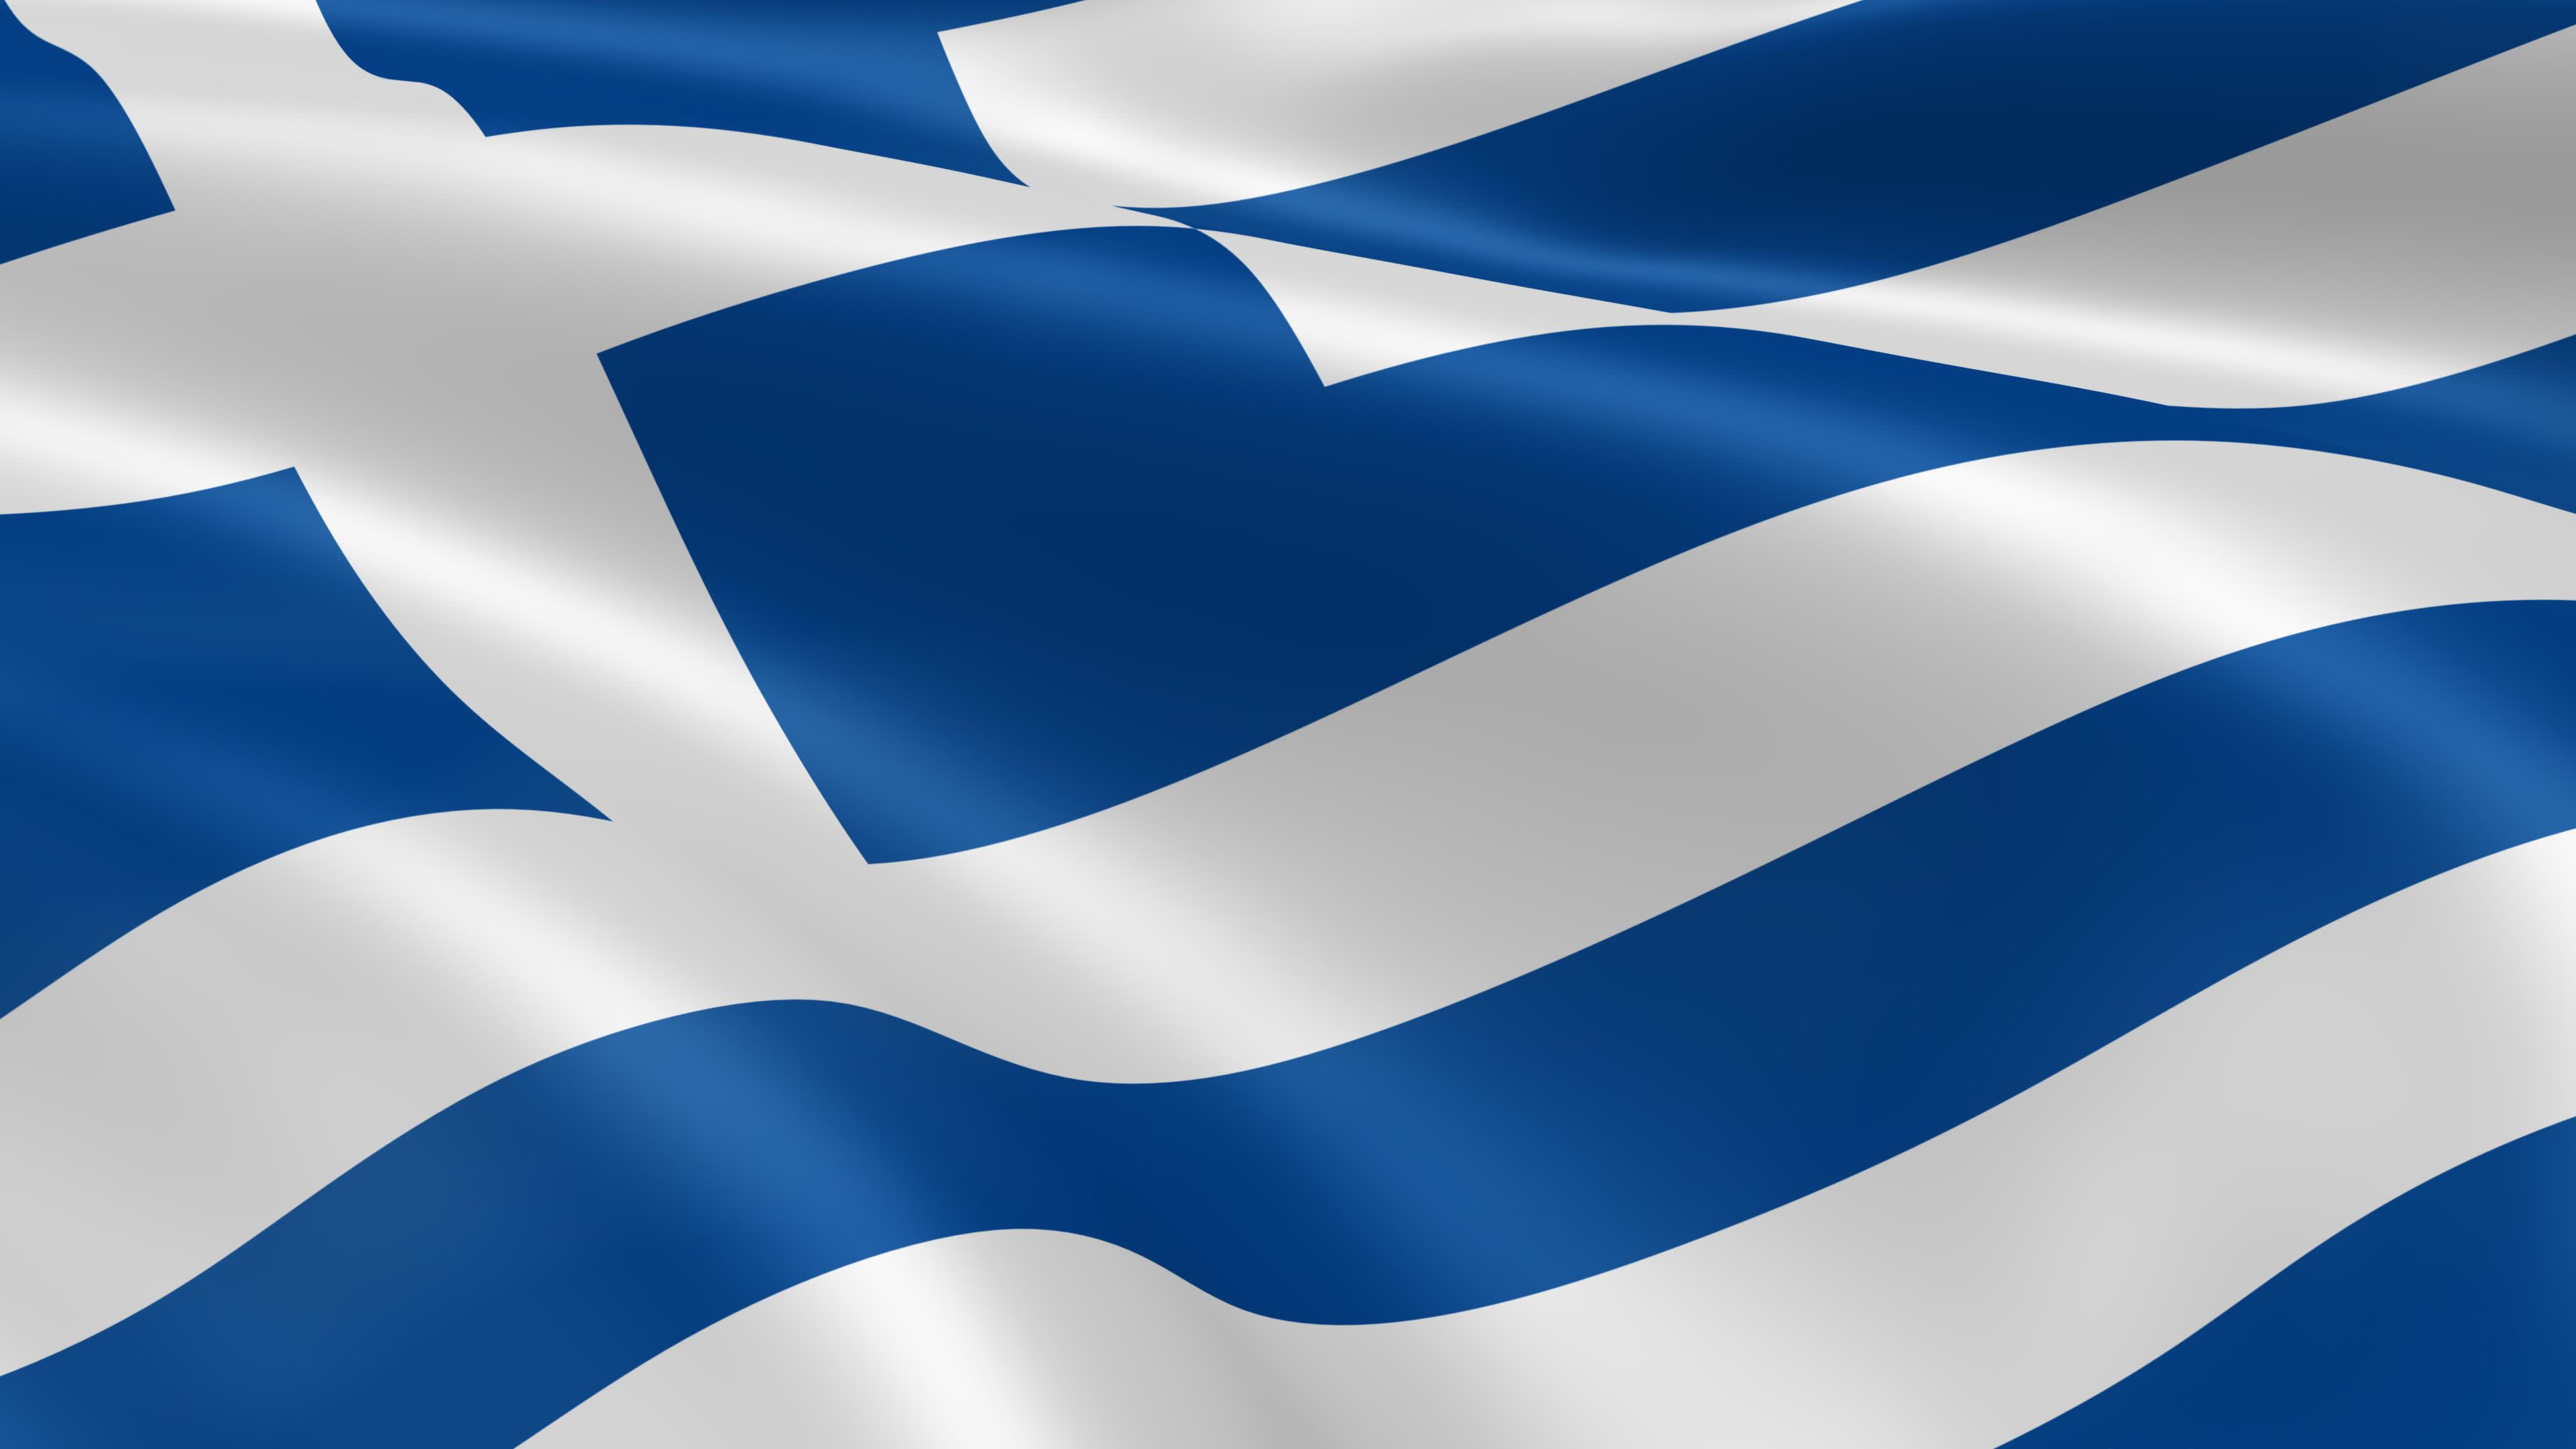 تضارب تصريحات صناع القرار بمنطقة اليورو يزيد من غموض الأزمة اليونانية